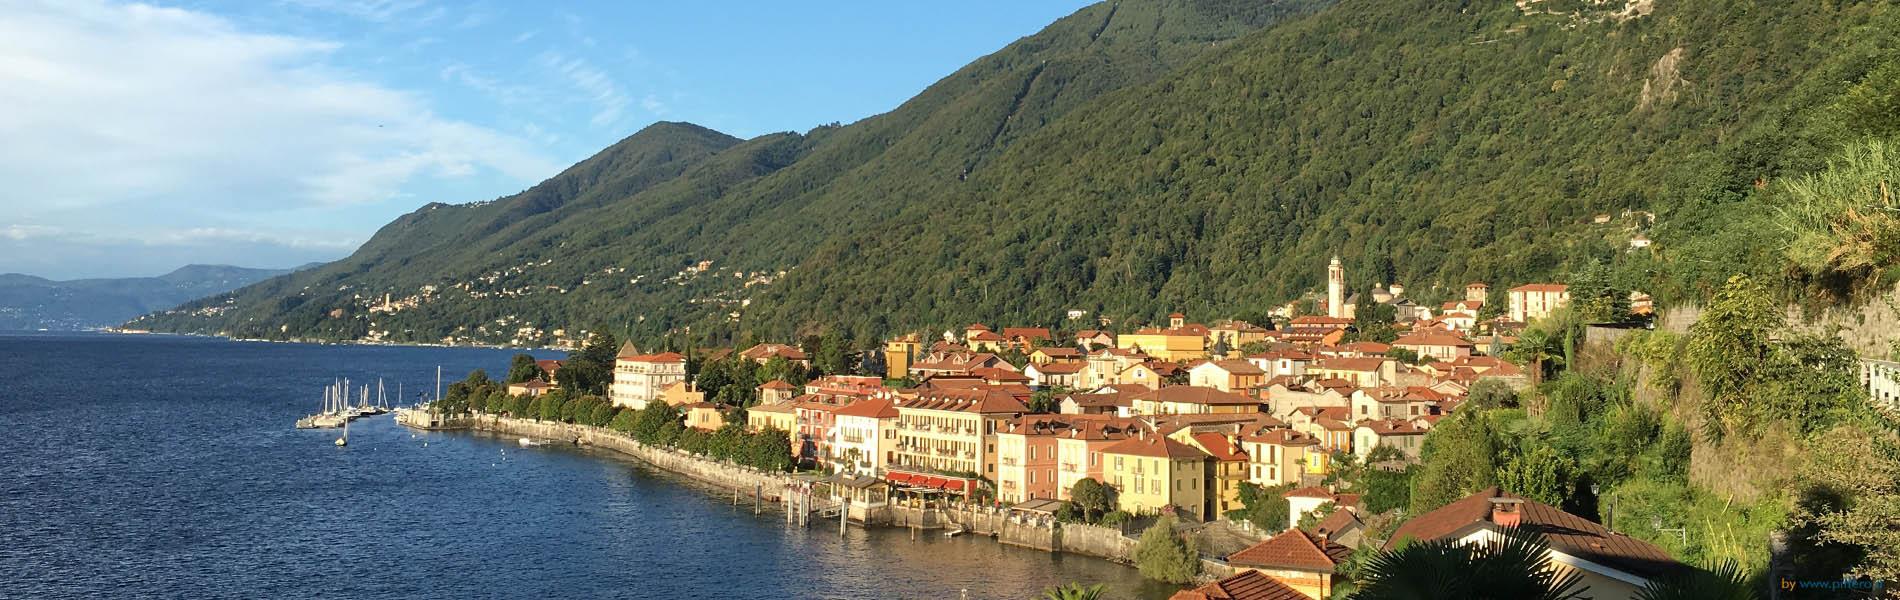 Cannero Riviera Lago Maggiore